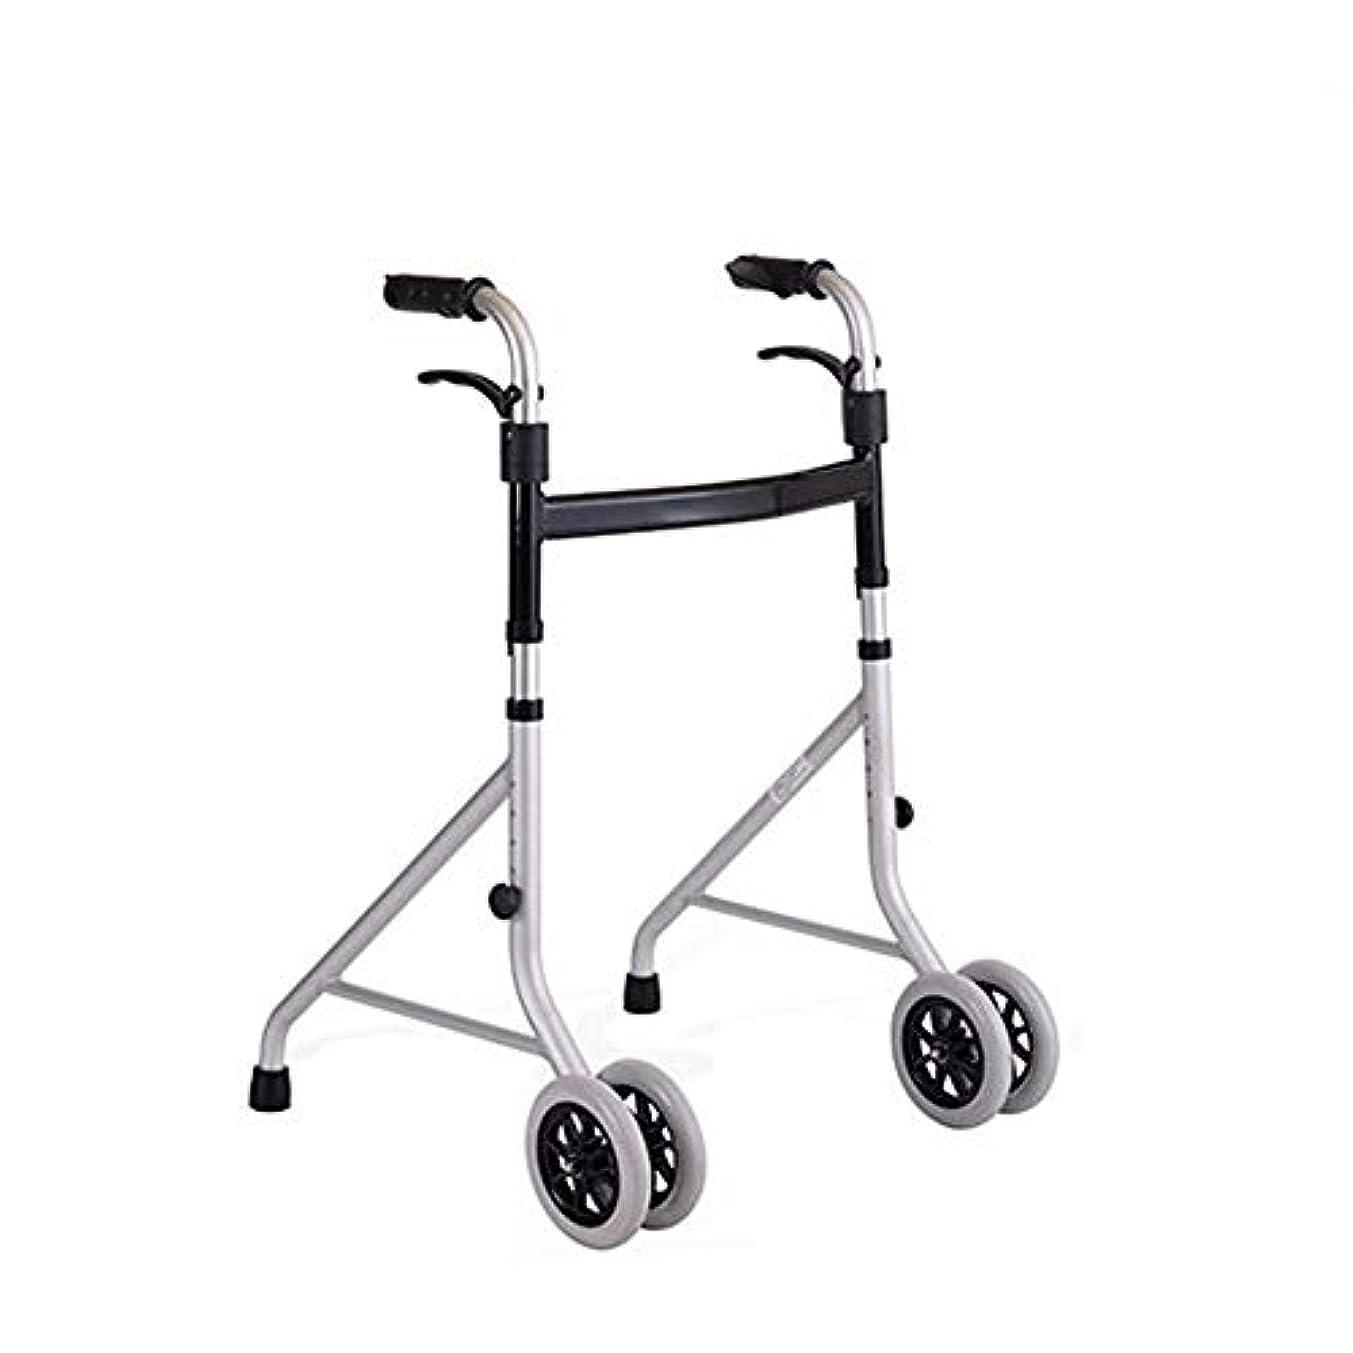 折る社会主義熟達した折りたたみ式軽量アルミニウム歩行フレーム/ジマー/ 4車輪付き歩行器-高さ調節可能 (Color : Gray)